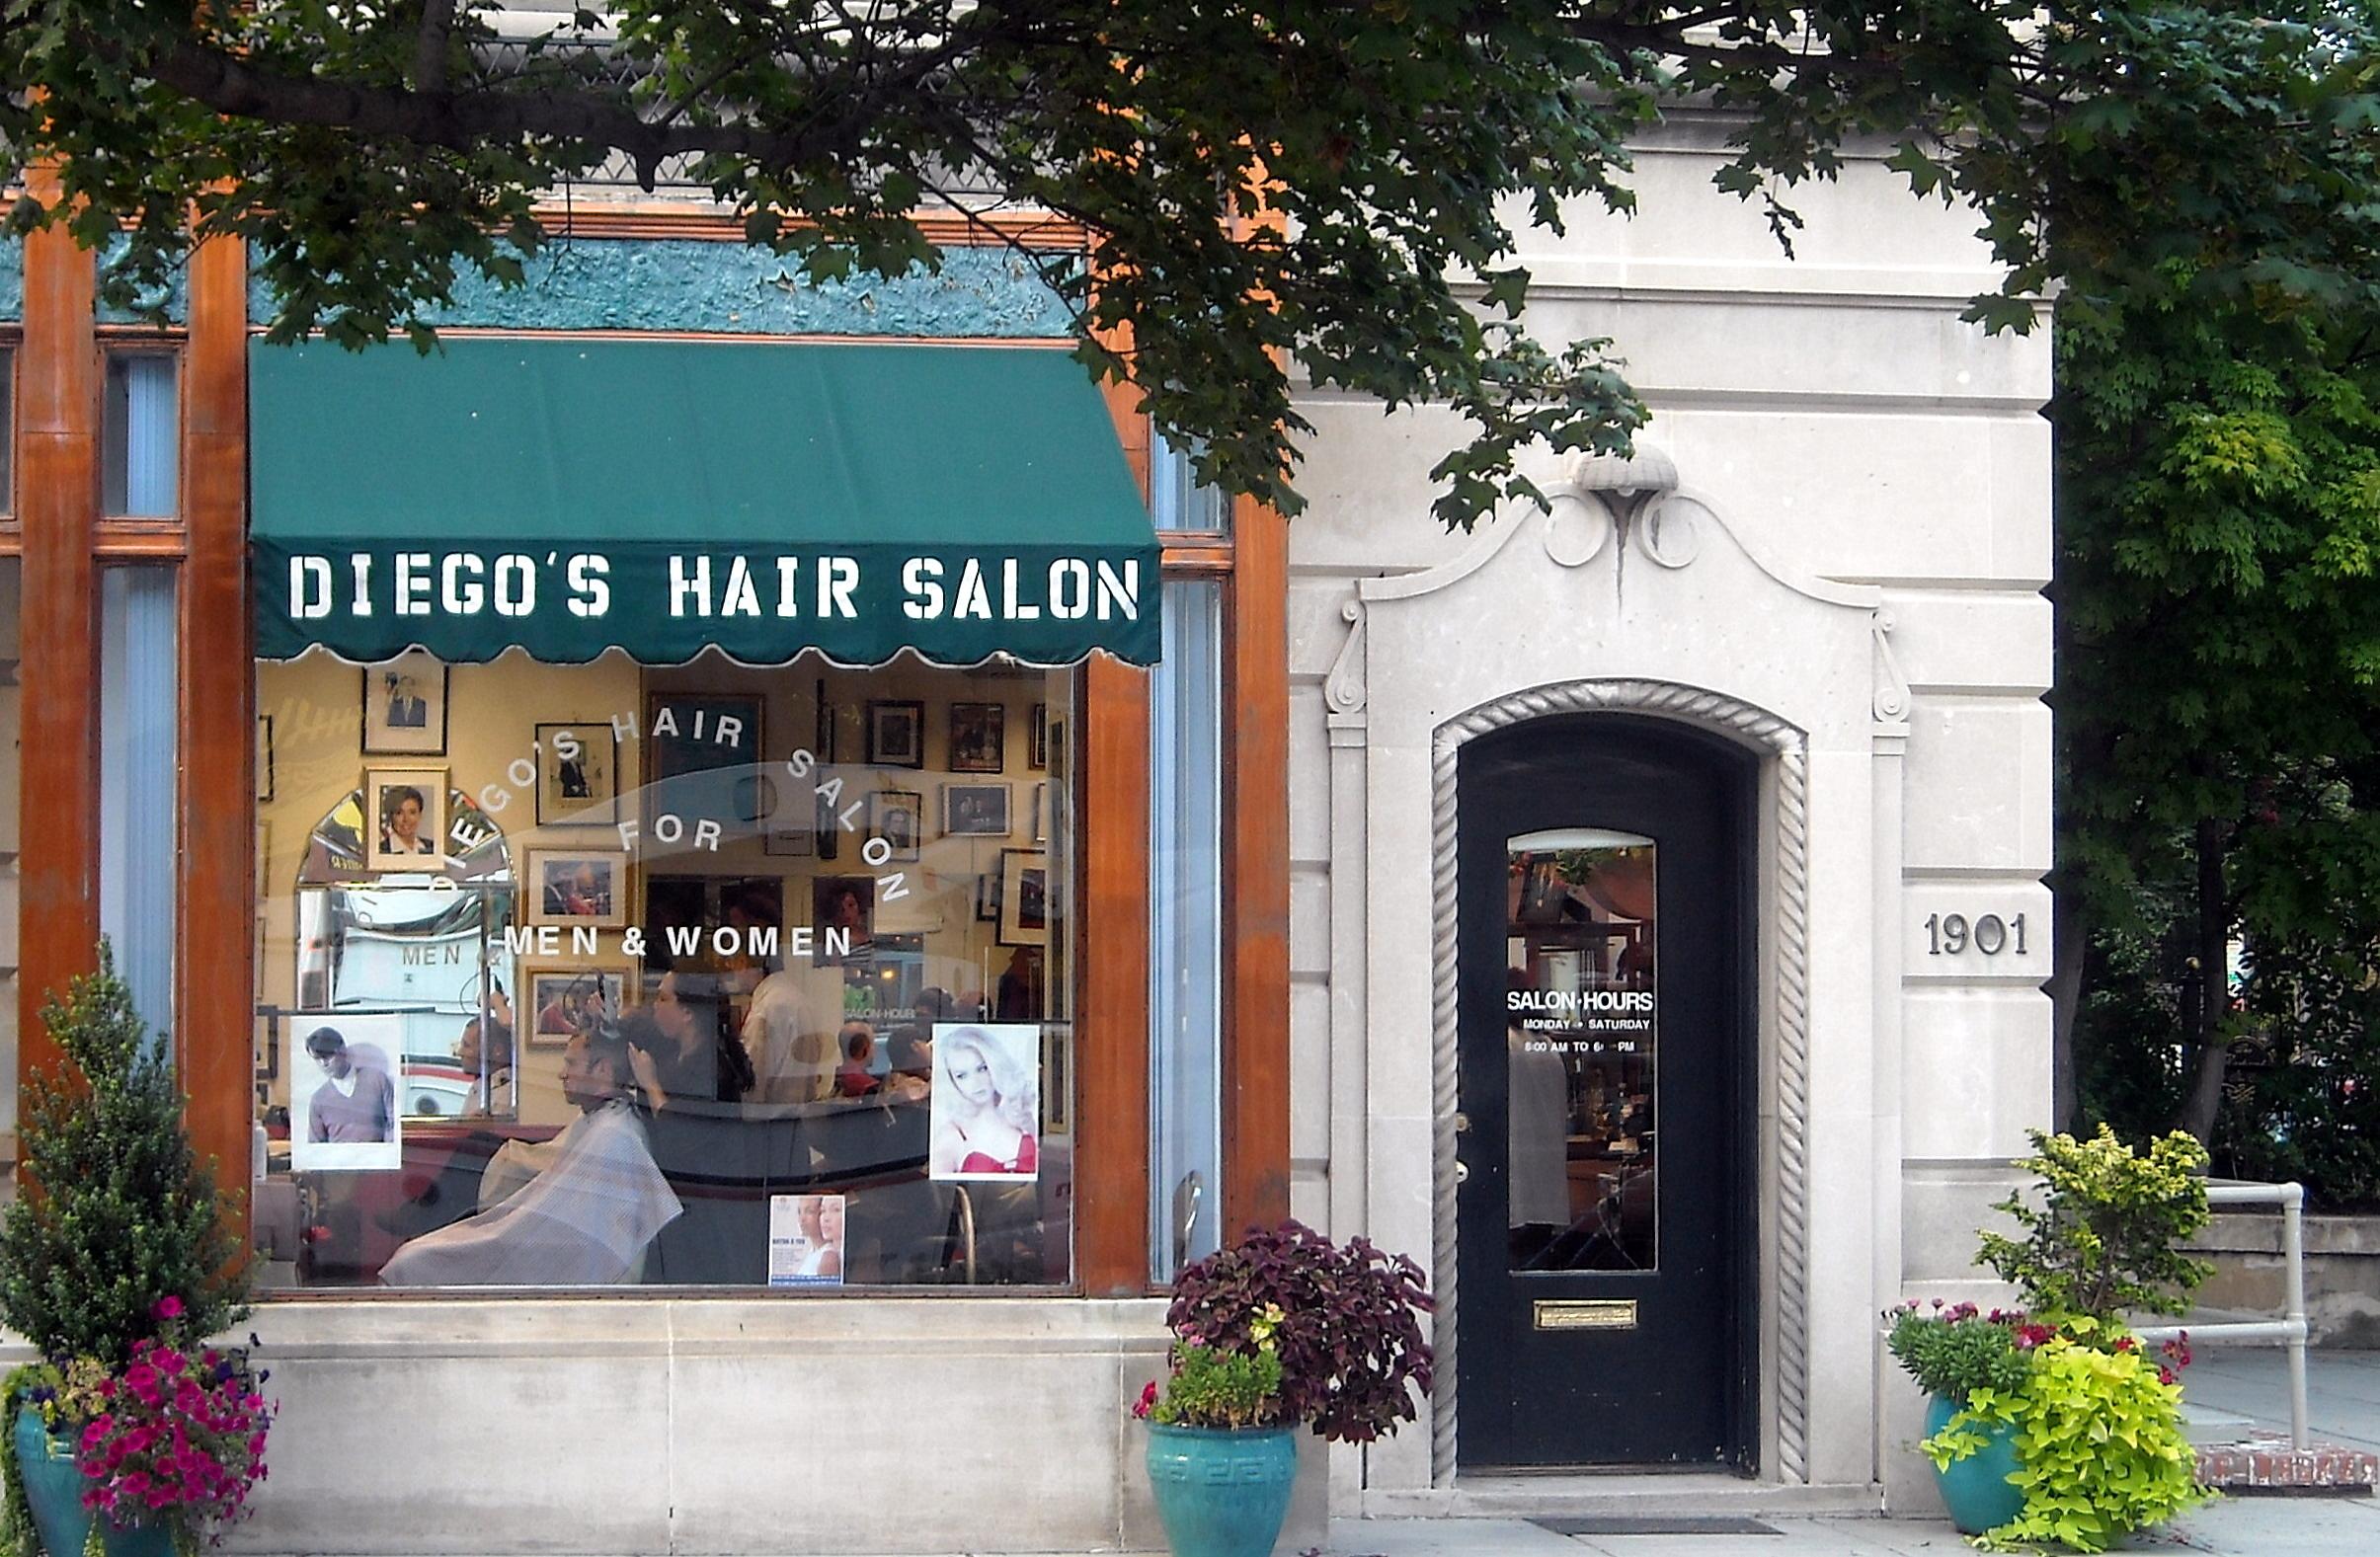 Diegos Hair Salon